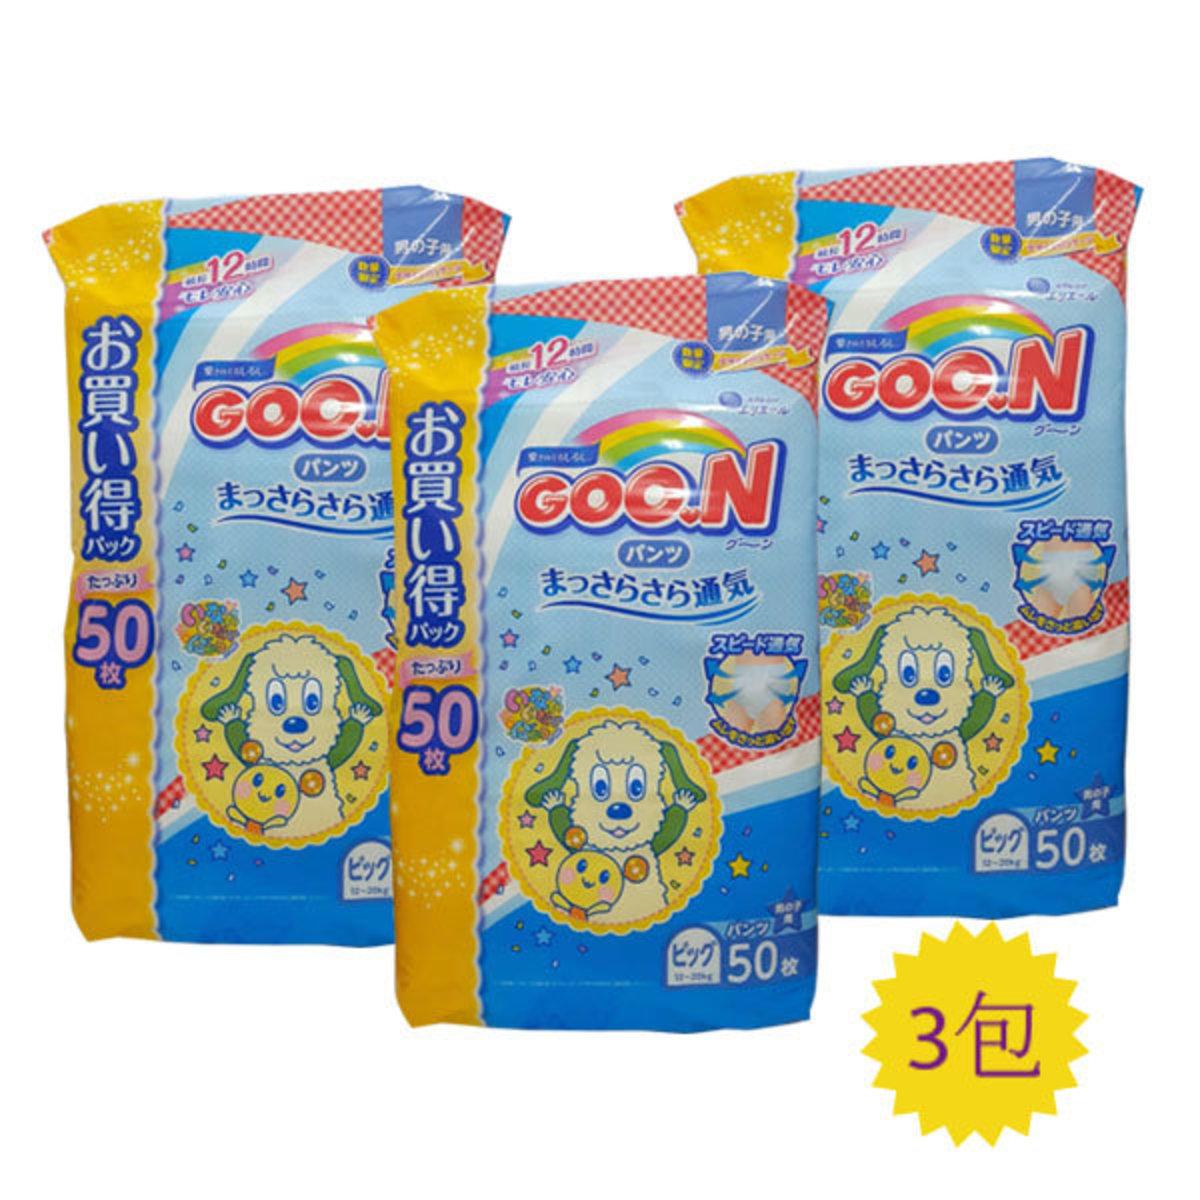 日本 內銷版 Goon 學習褲 加大碼XL50片 男褲( (珍寶裝) 3包 (原箱)